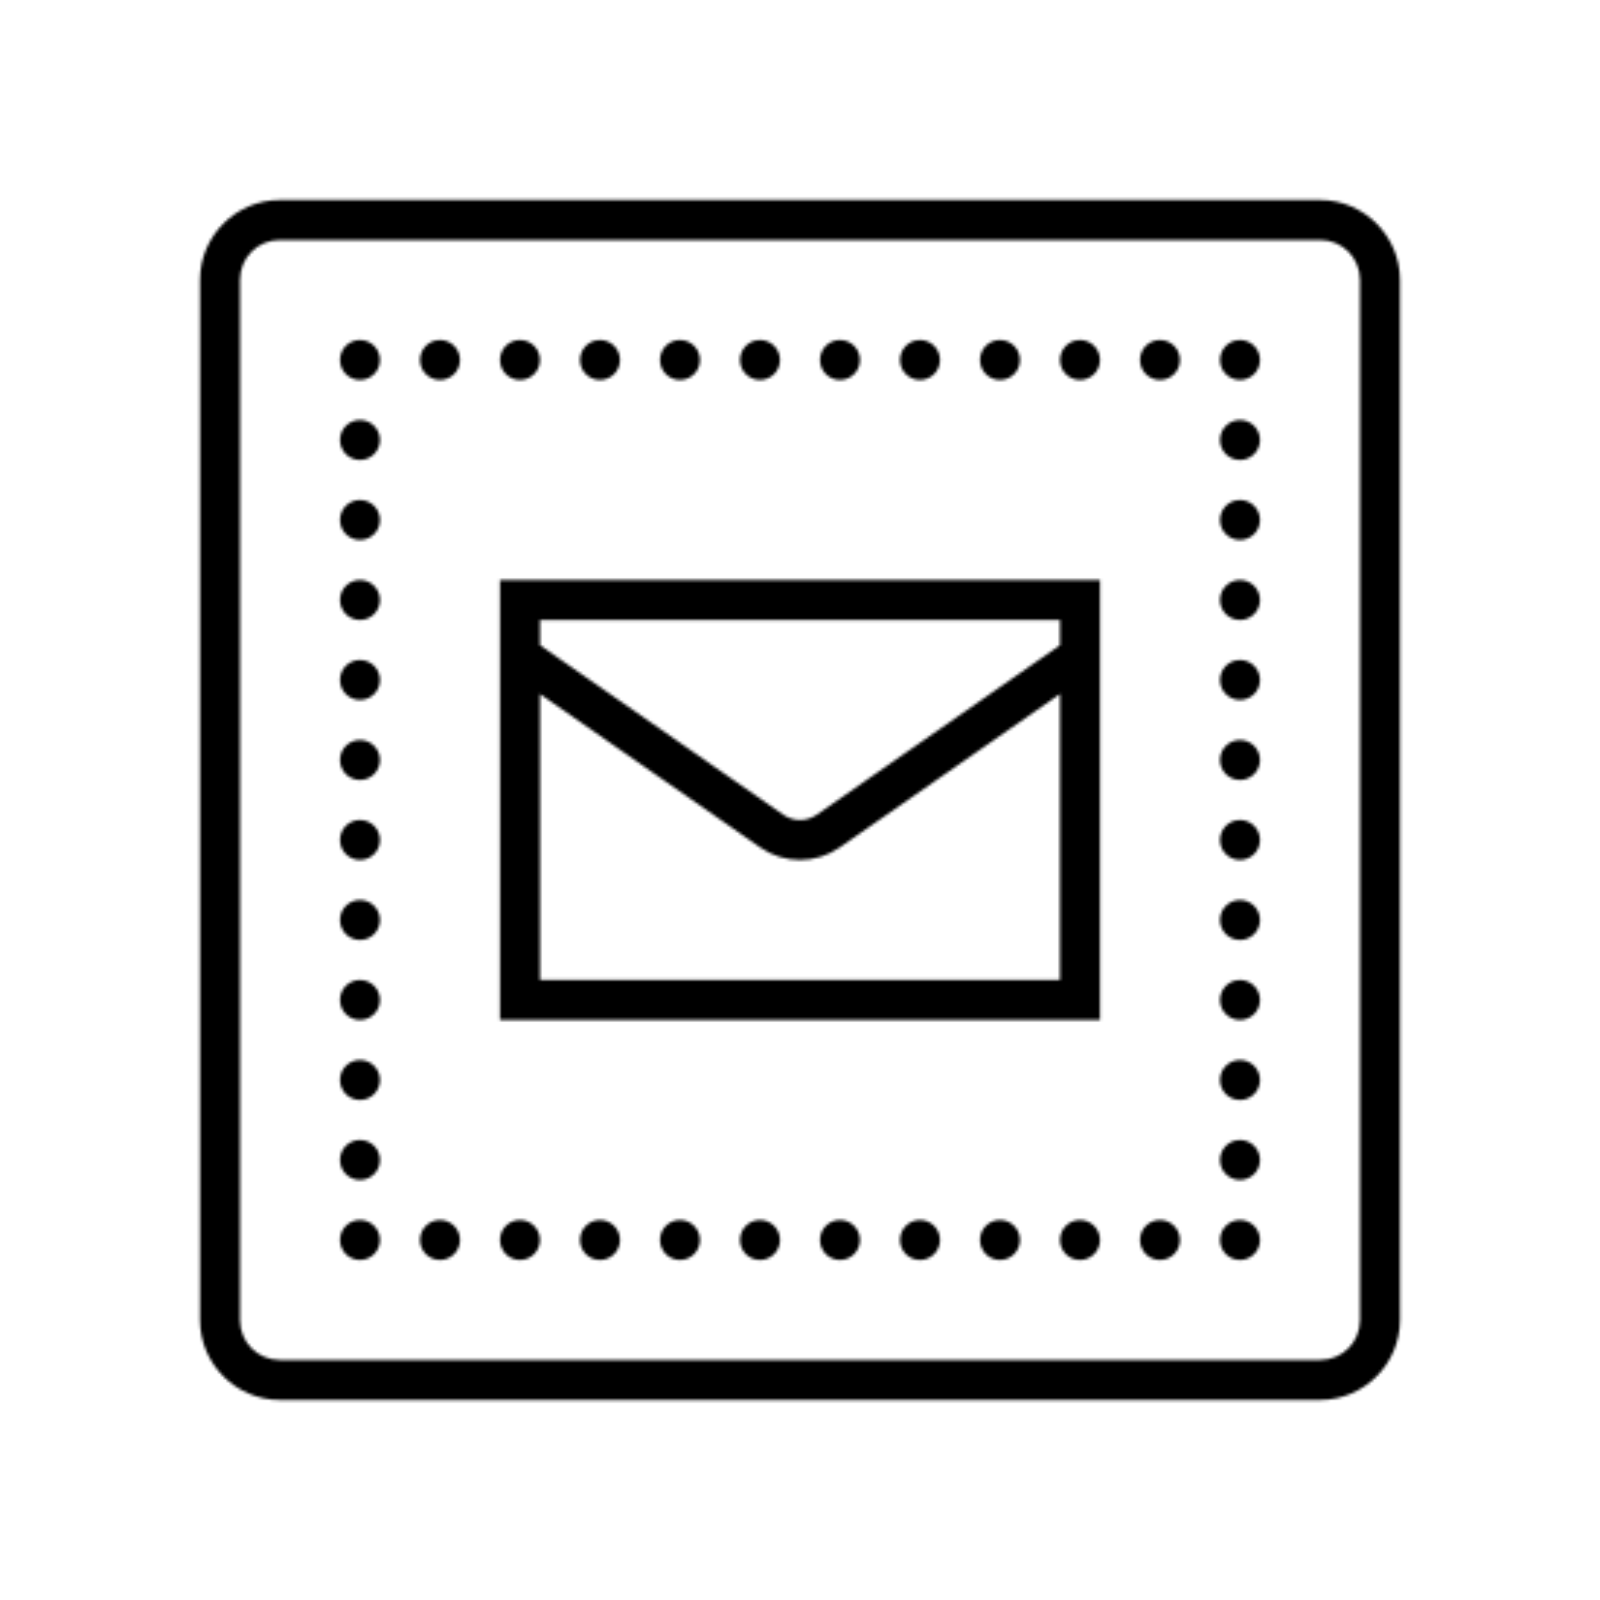 Wiadomość w kwadracie icon